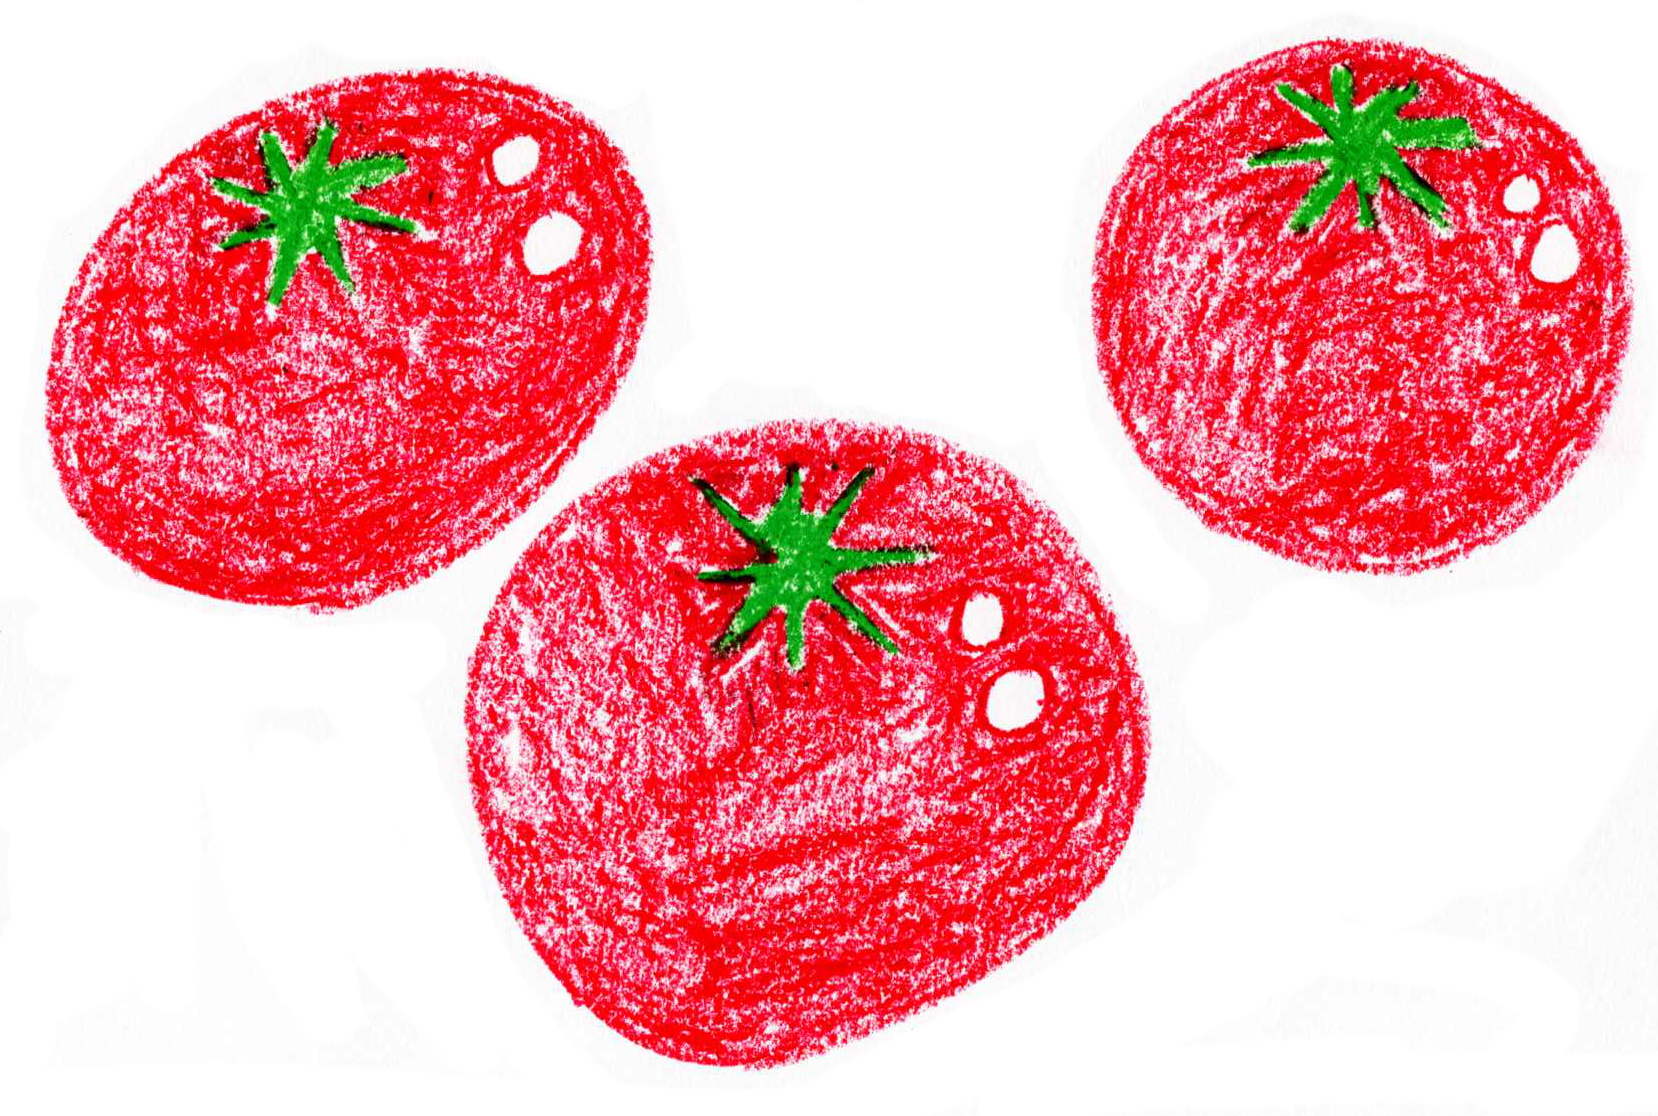 トマトの描き方